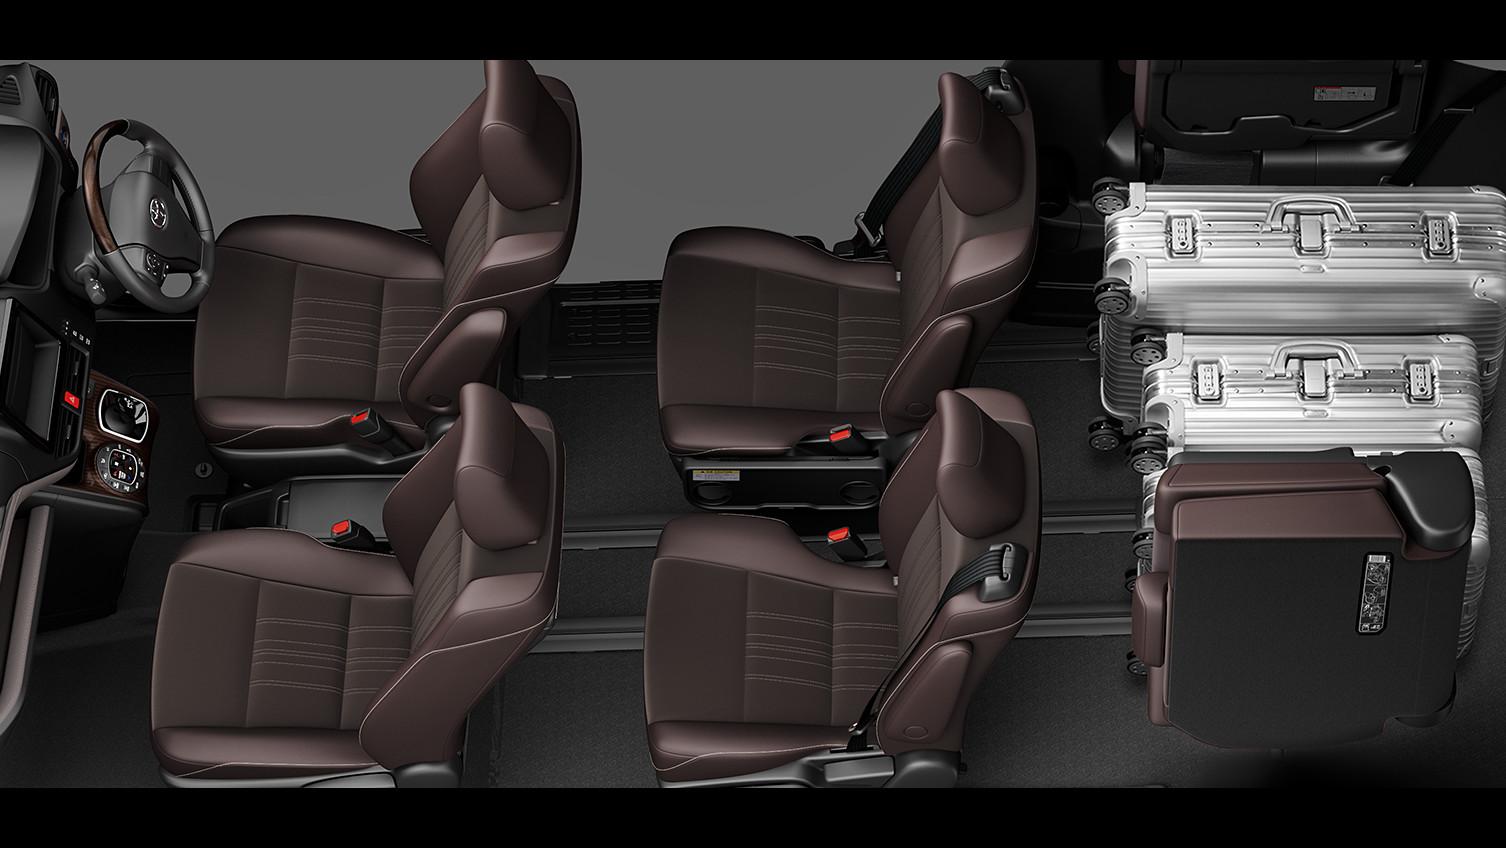 エスクァイア、7人乗り8人乗り比較、ラゲージモード